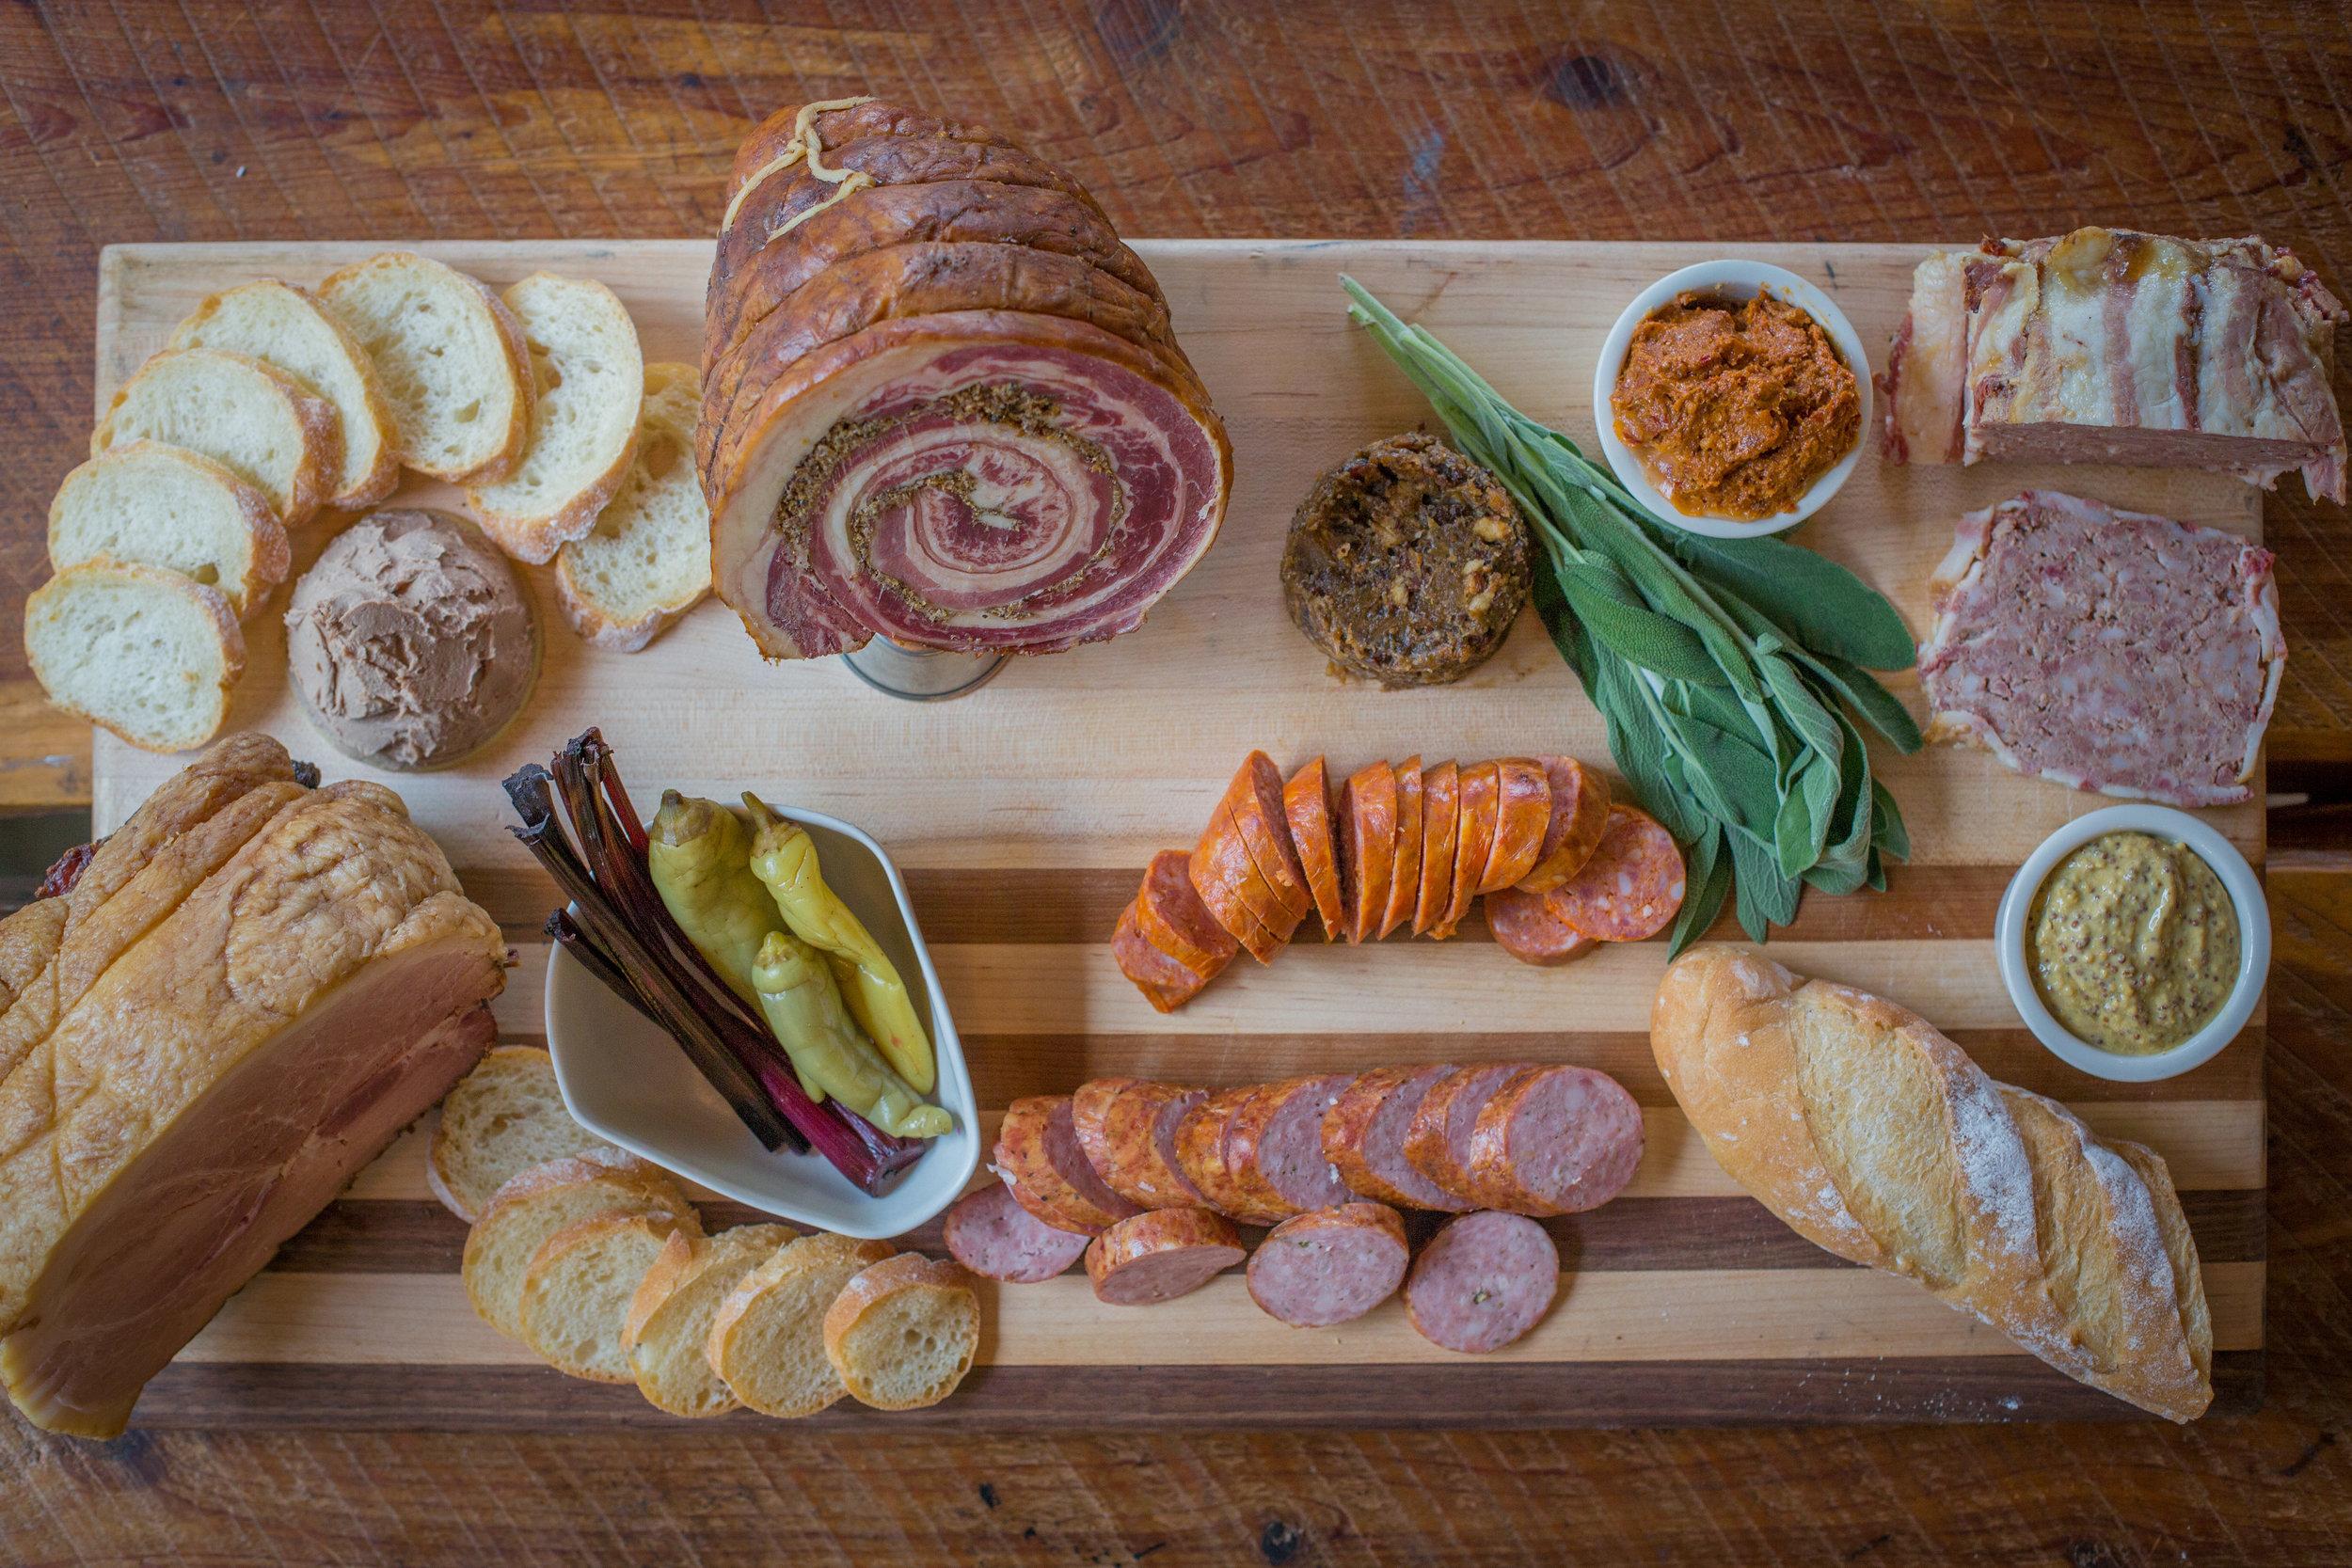 Chicken Liver Mousse, Smoked Molasses Ham, Pastrami, Kielbasa, Smoked Chorizo, Bacon Onion Jam, Nduja, Country Pate